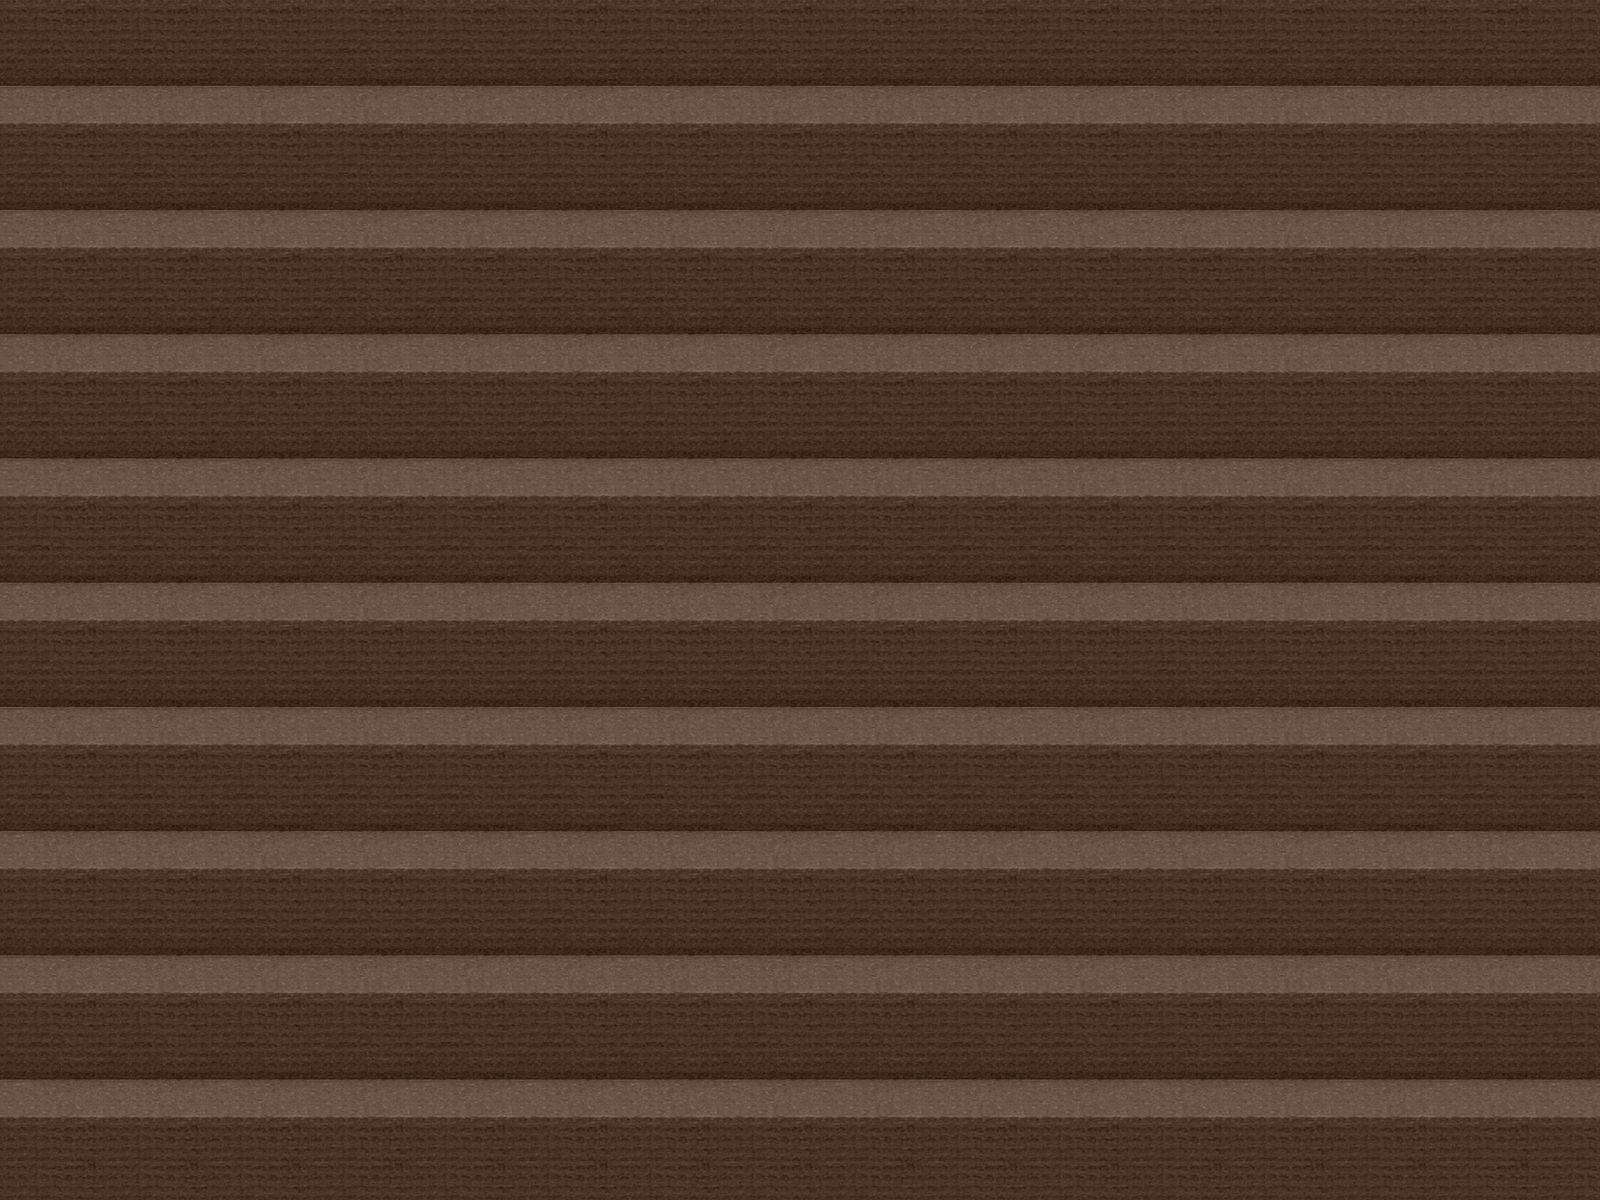 Donker bruin